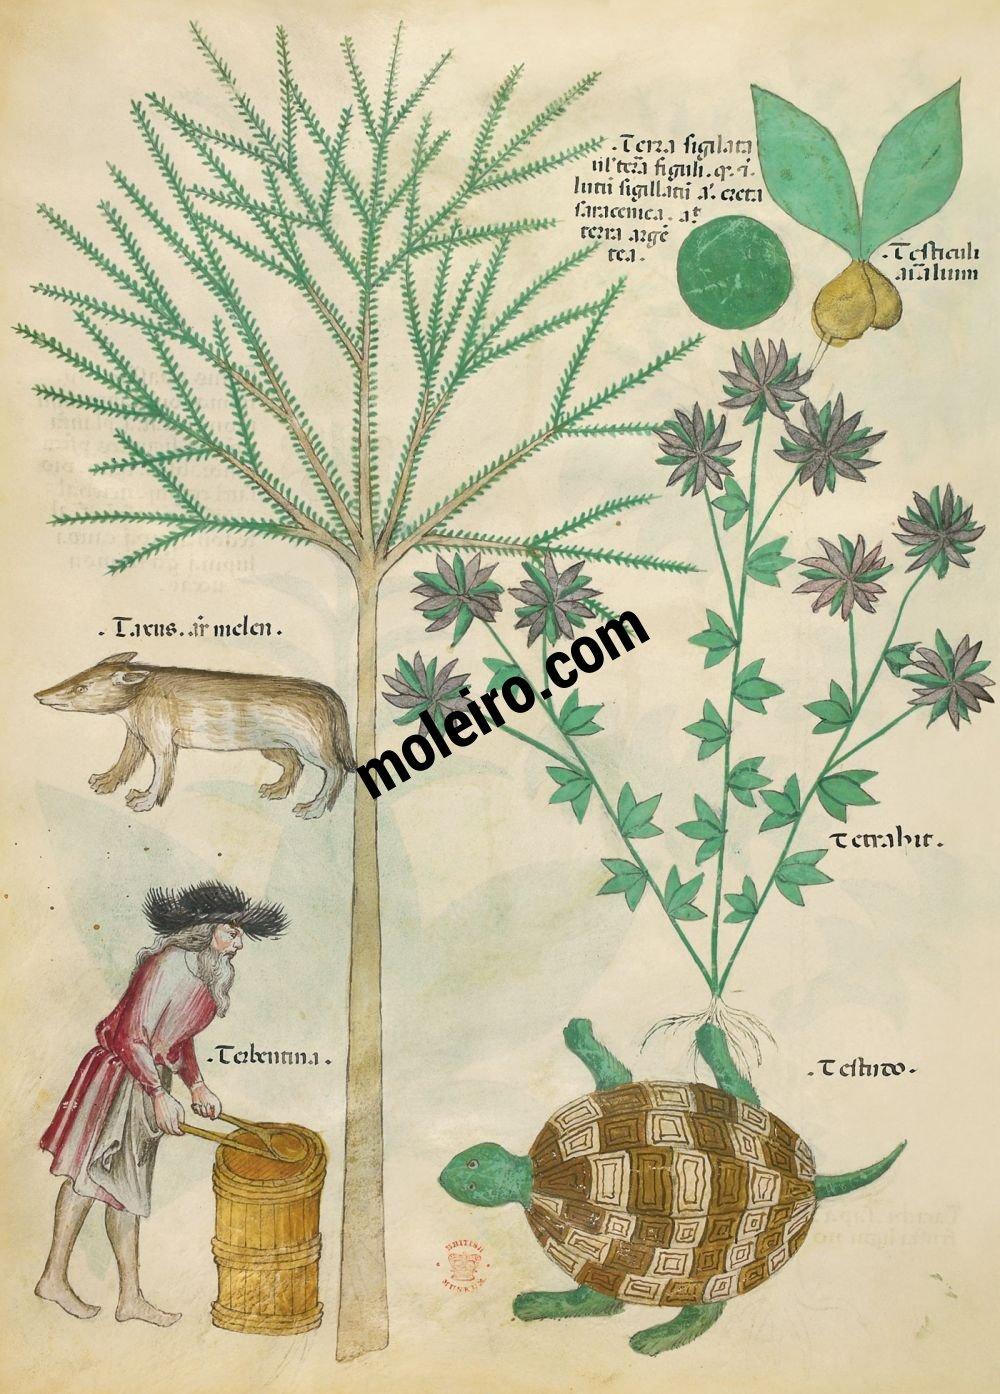 Tratado de plantas medicinales. Tractatus de Herbis -Sloane 4016 f. 98v:Tierra sellada; testículos de animales; tejo; [tejón]; ortiga real; trementina; tortuga